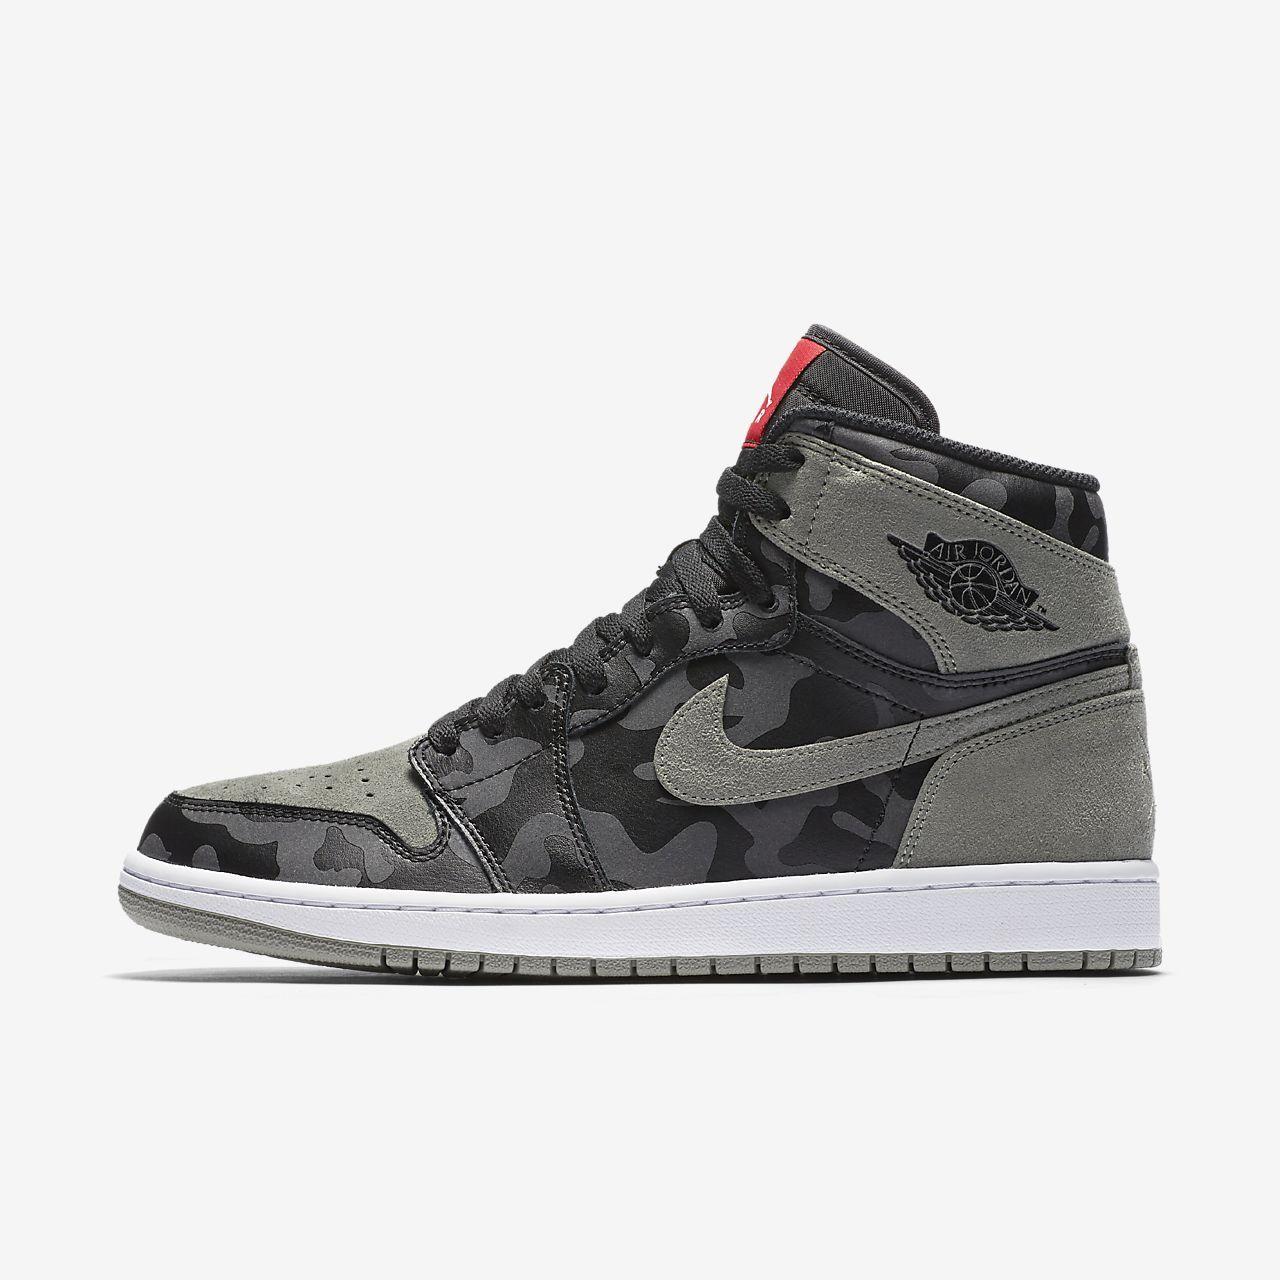 Air Jordan 1 Retro High Premium Men's Shoe | Air Jordan1 in